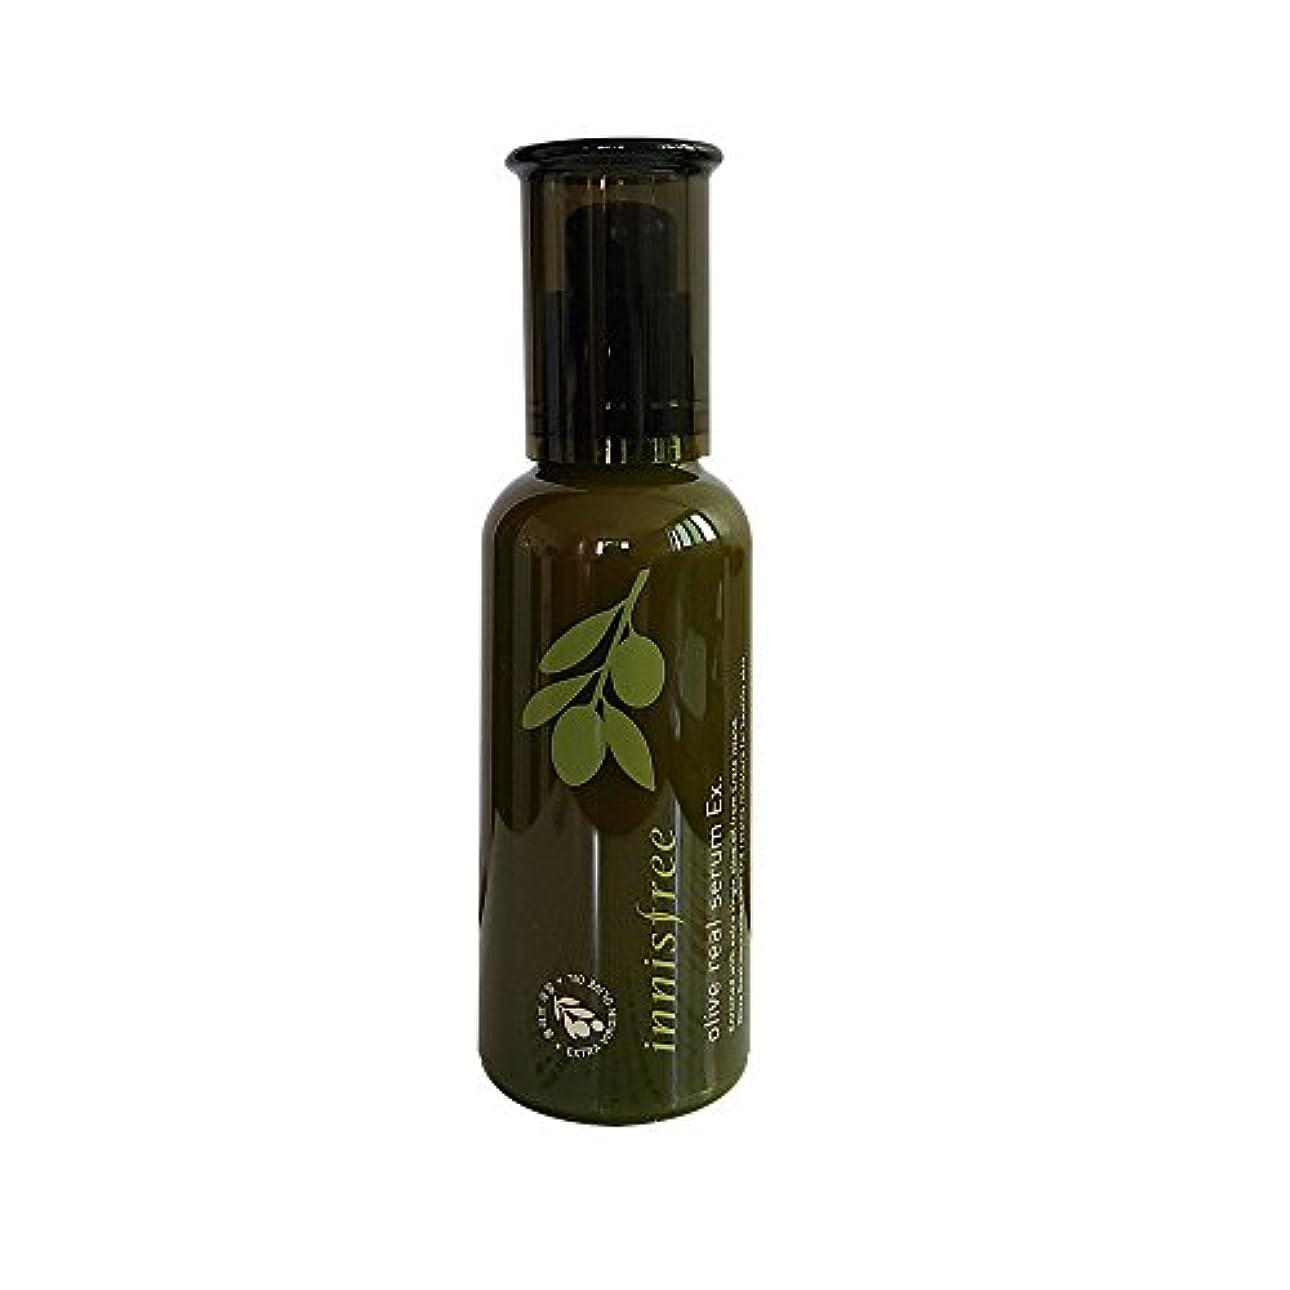 指令歯車過剰イニスフリー Innisfree オリーブリアルセラム(50ml) Innisfree Olive Real Serum(50ml) [海外直送品]